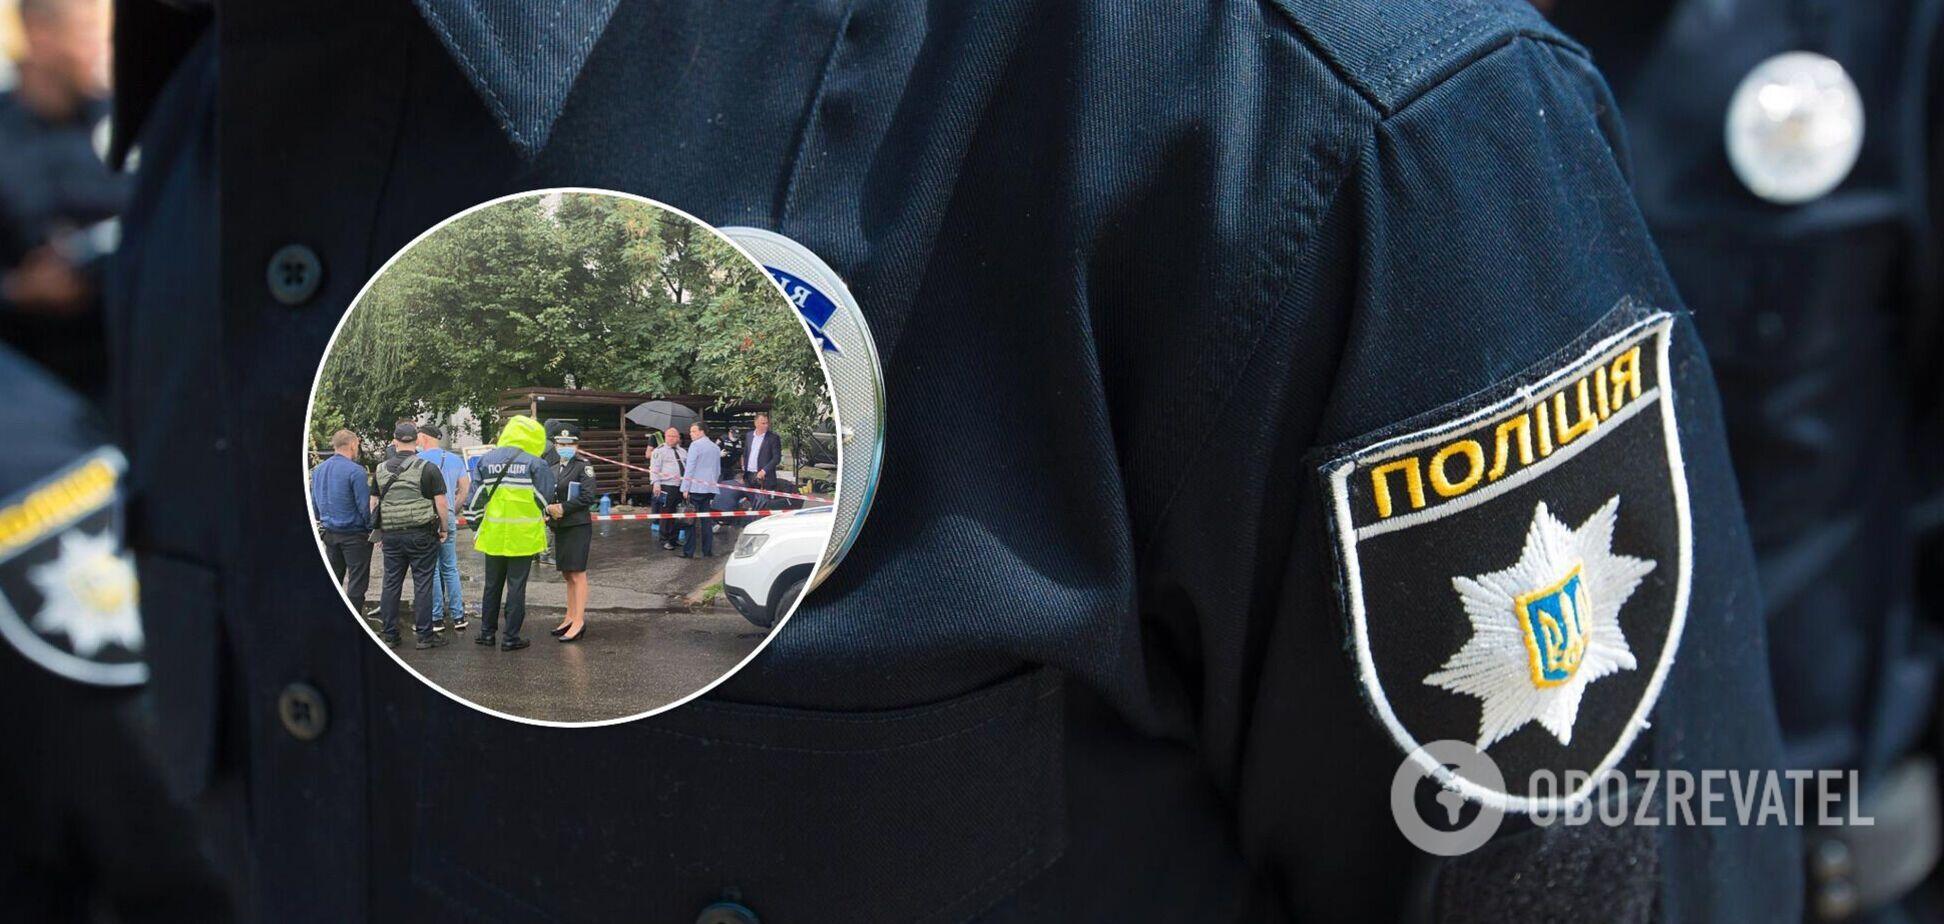 Подробности происшествия установит полиция